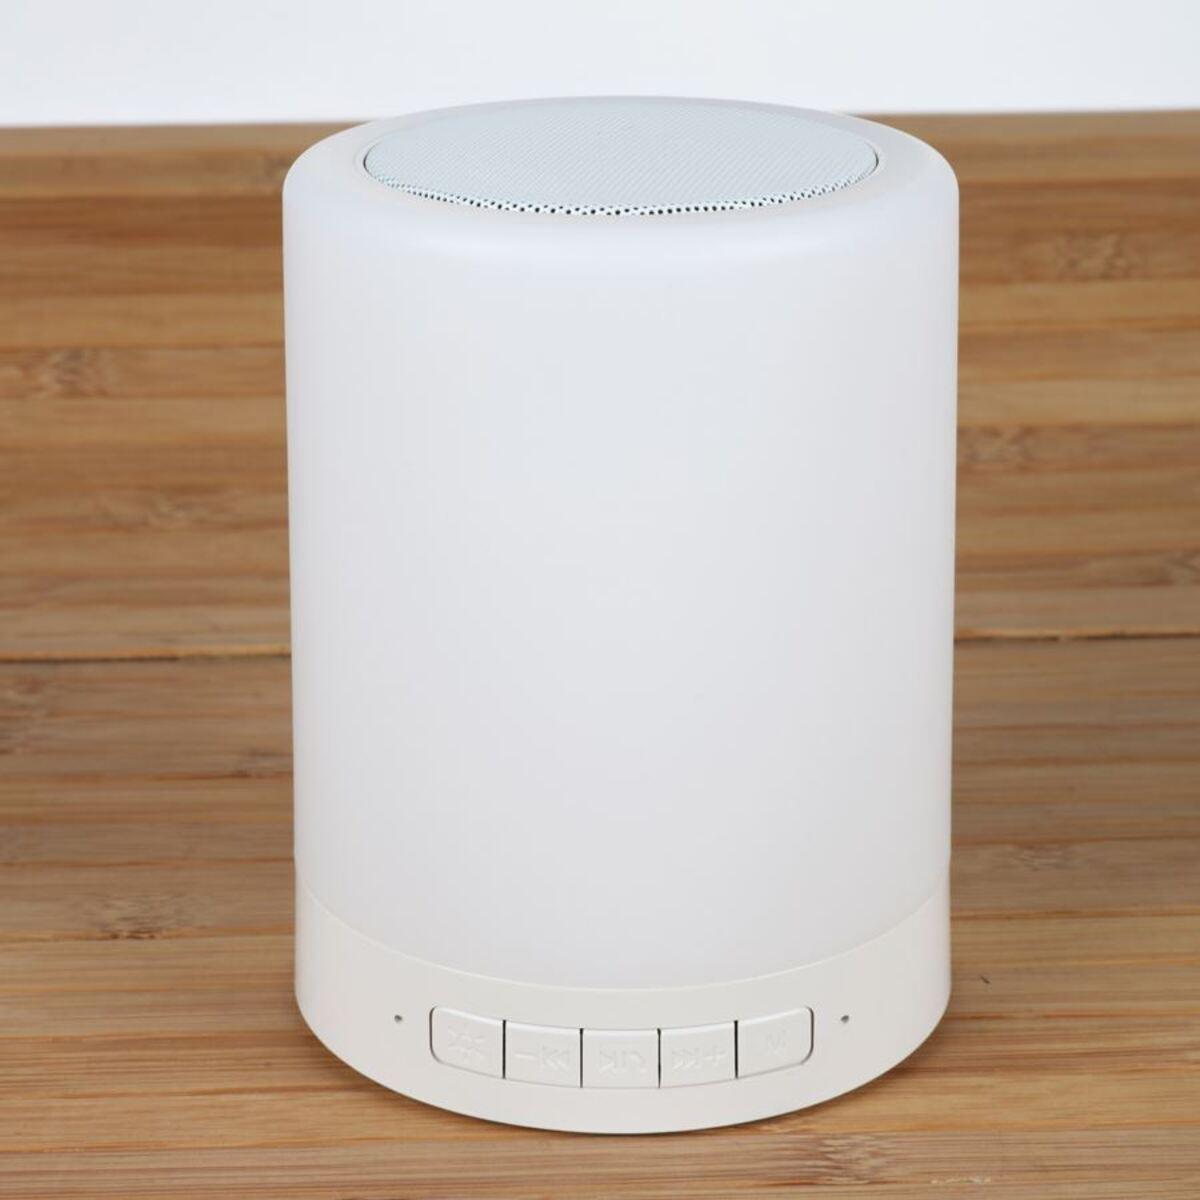 Bild 2 von Multifunktions-Touch-Lampe mit Bluetooth-Lautsprecher